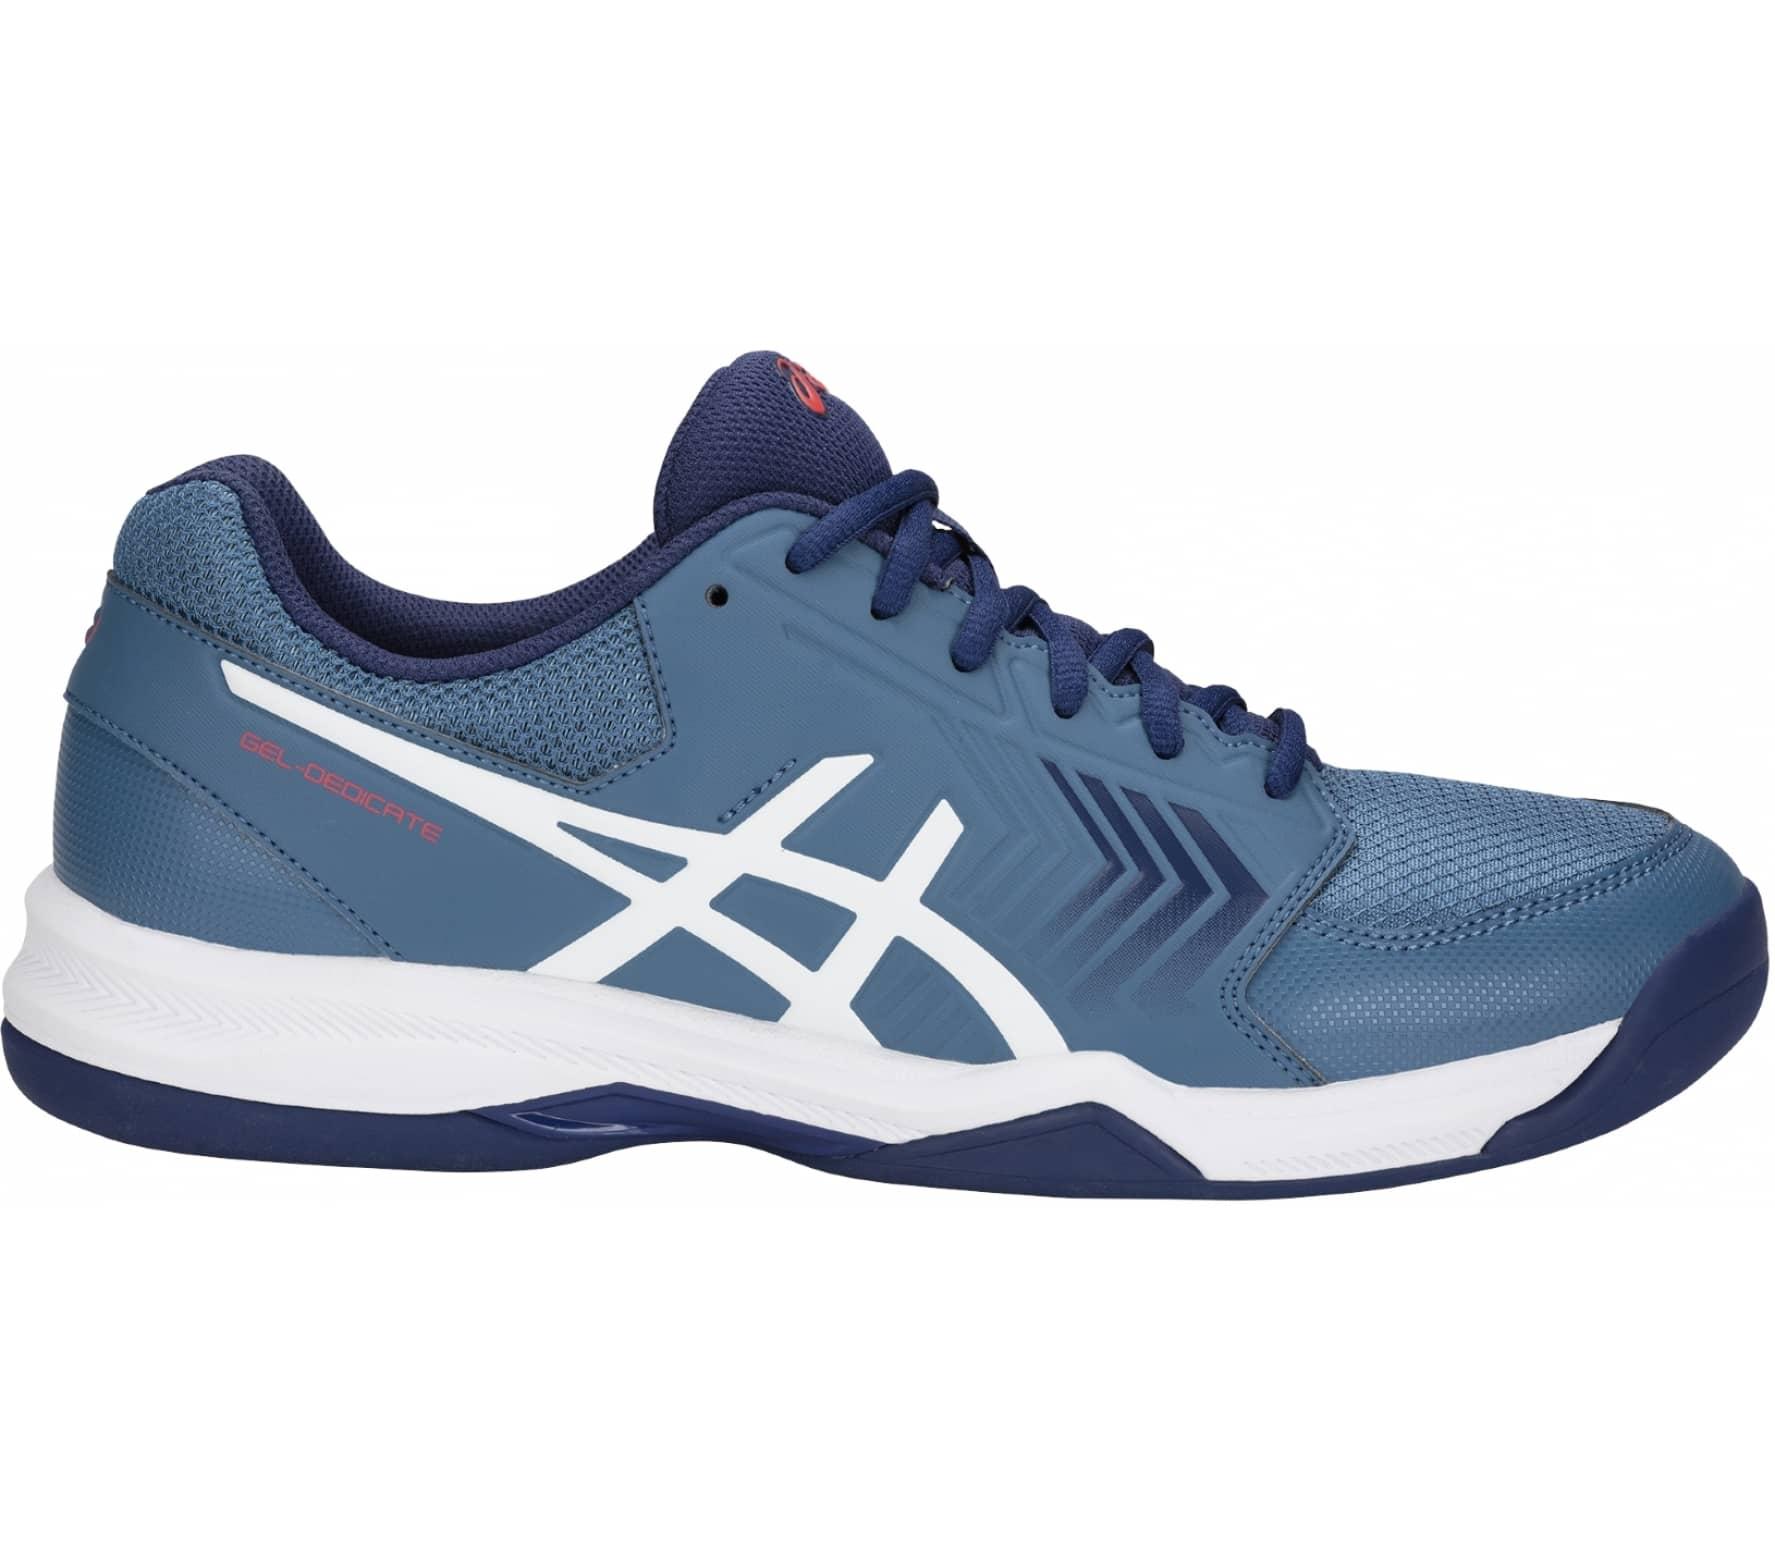 ASICS - Gel-Dedicate 5 Indoor Hombre Zapato de tenis (azul) comprar ... 5542b5cb14426